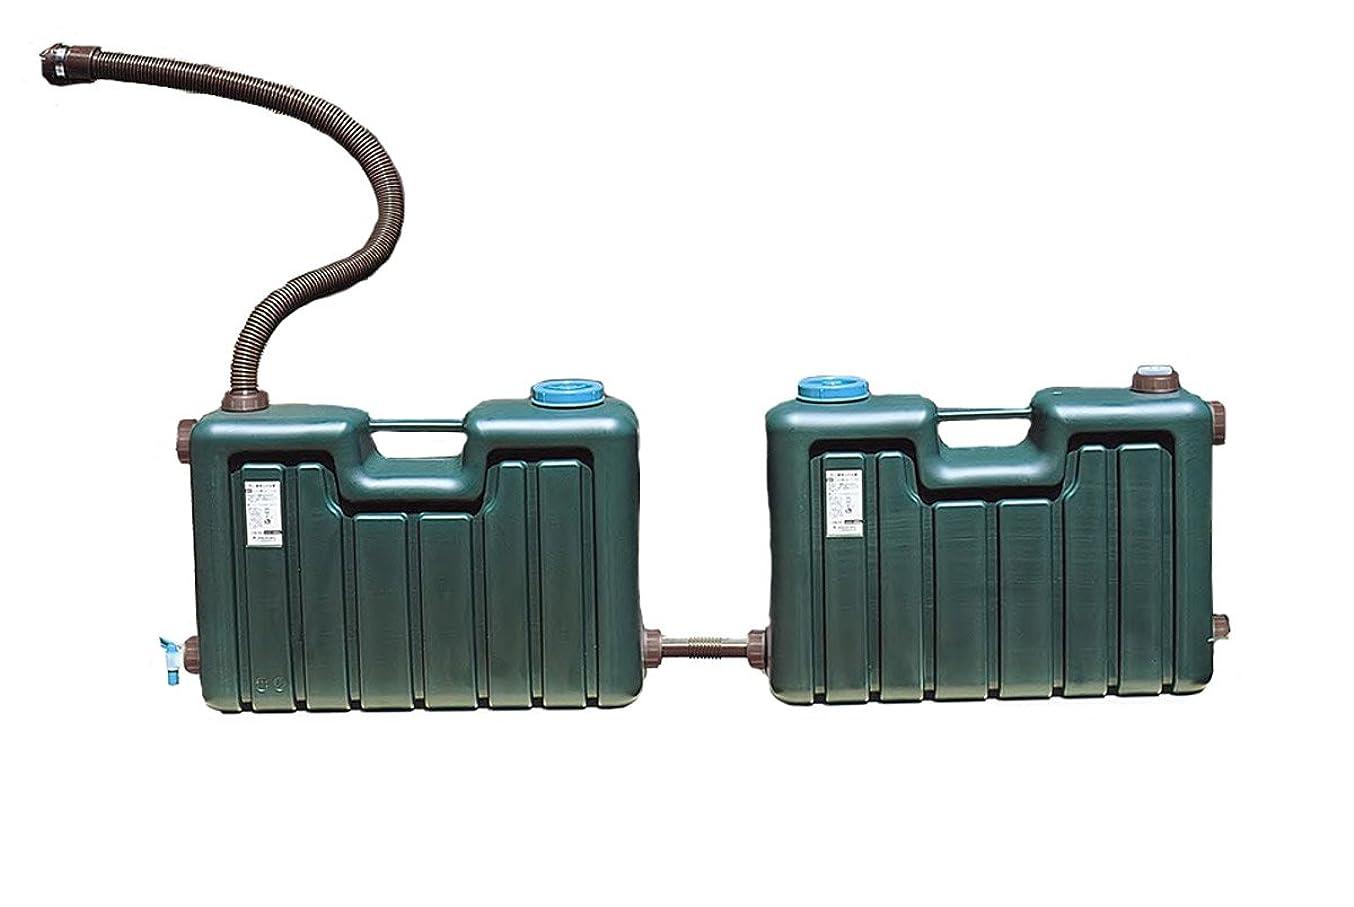 影響福祉ミツギロン 屋外用貯水用品 節約 雨水タンク 100Lセット(50L×2) EG-26 ダークグリーン